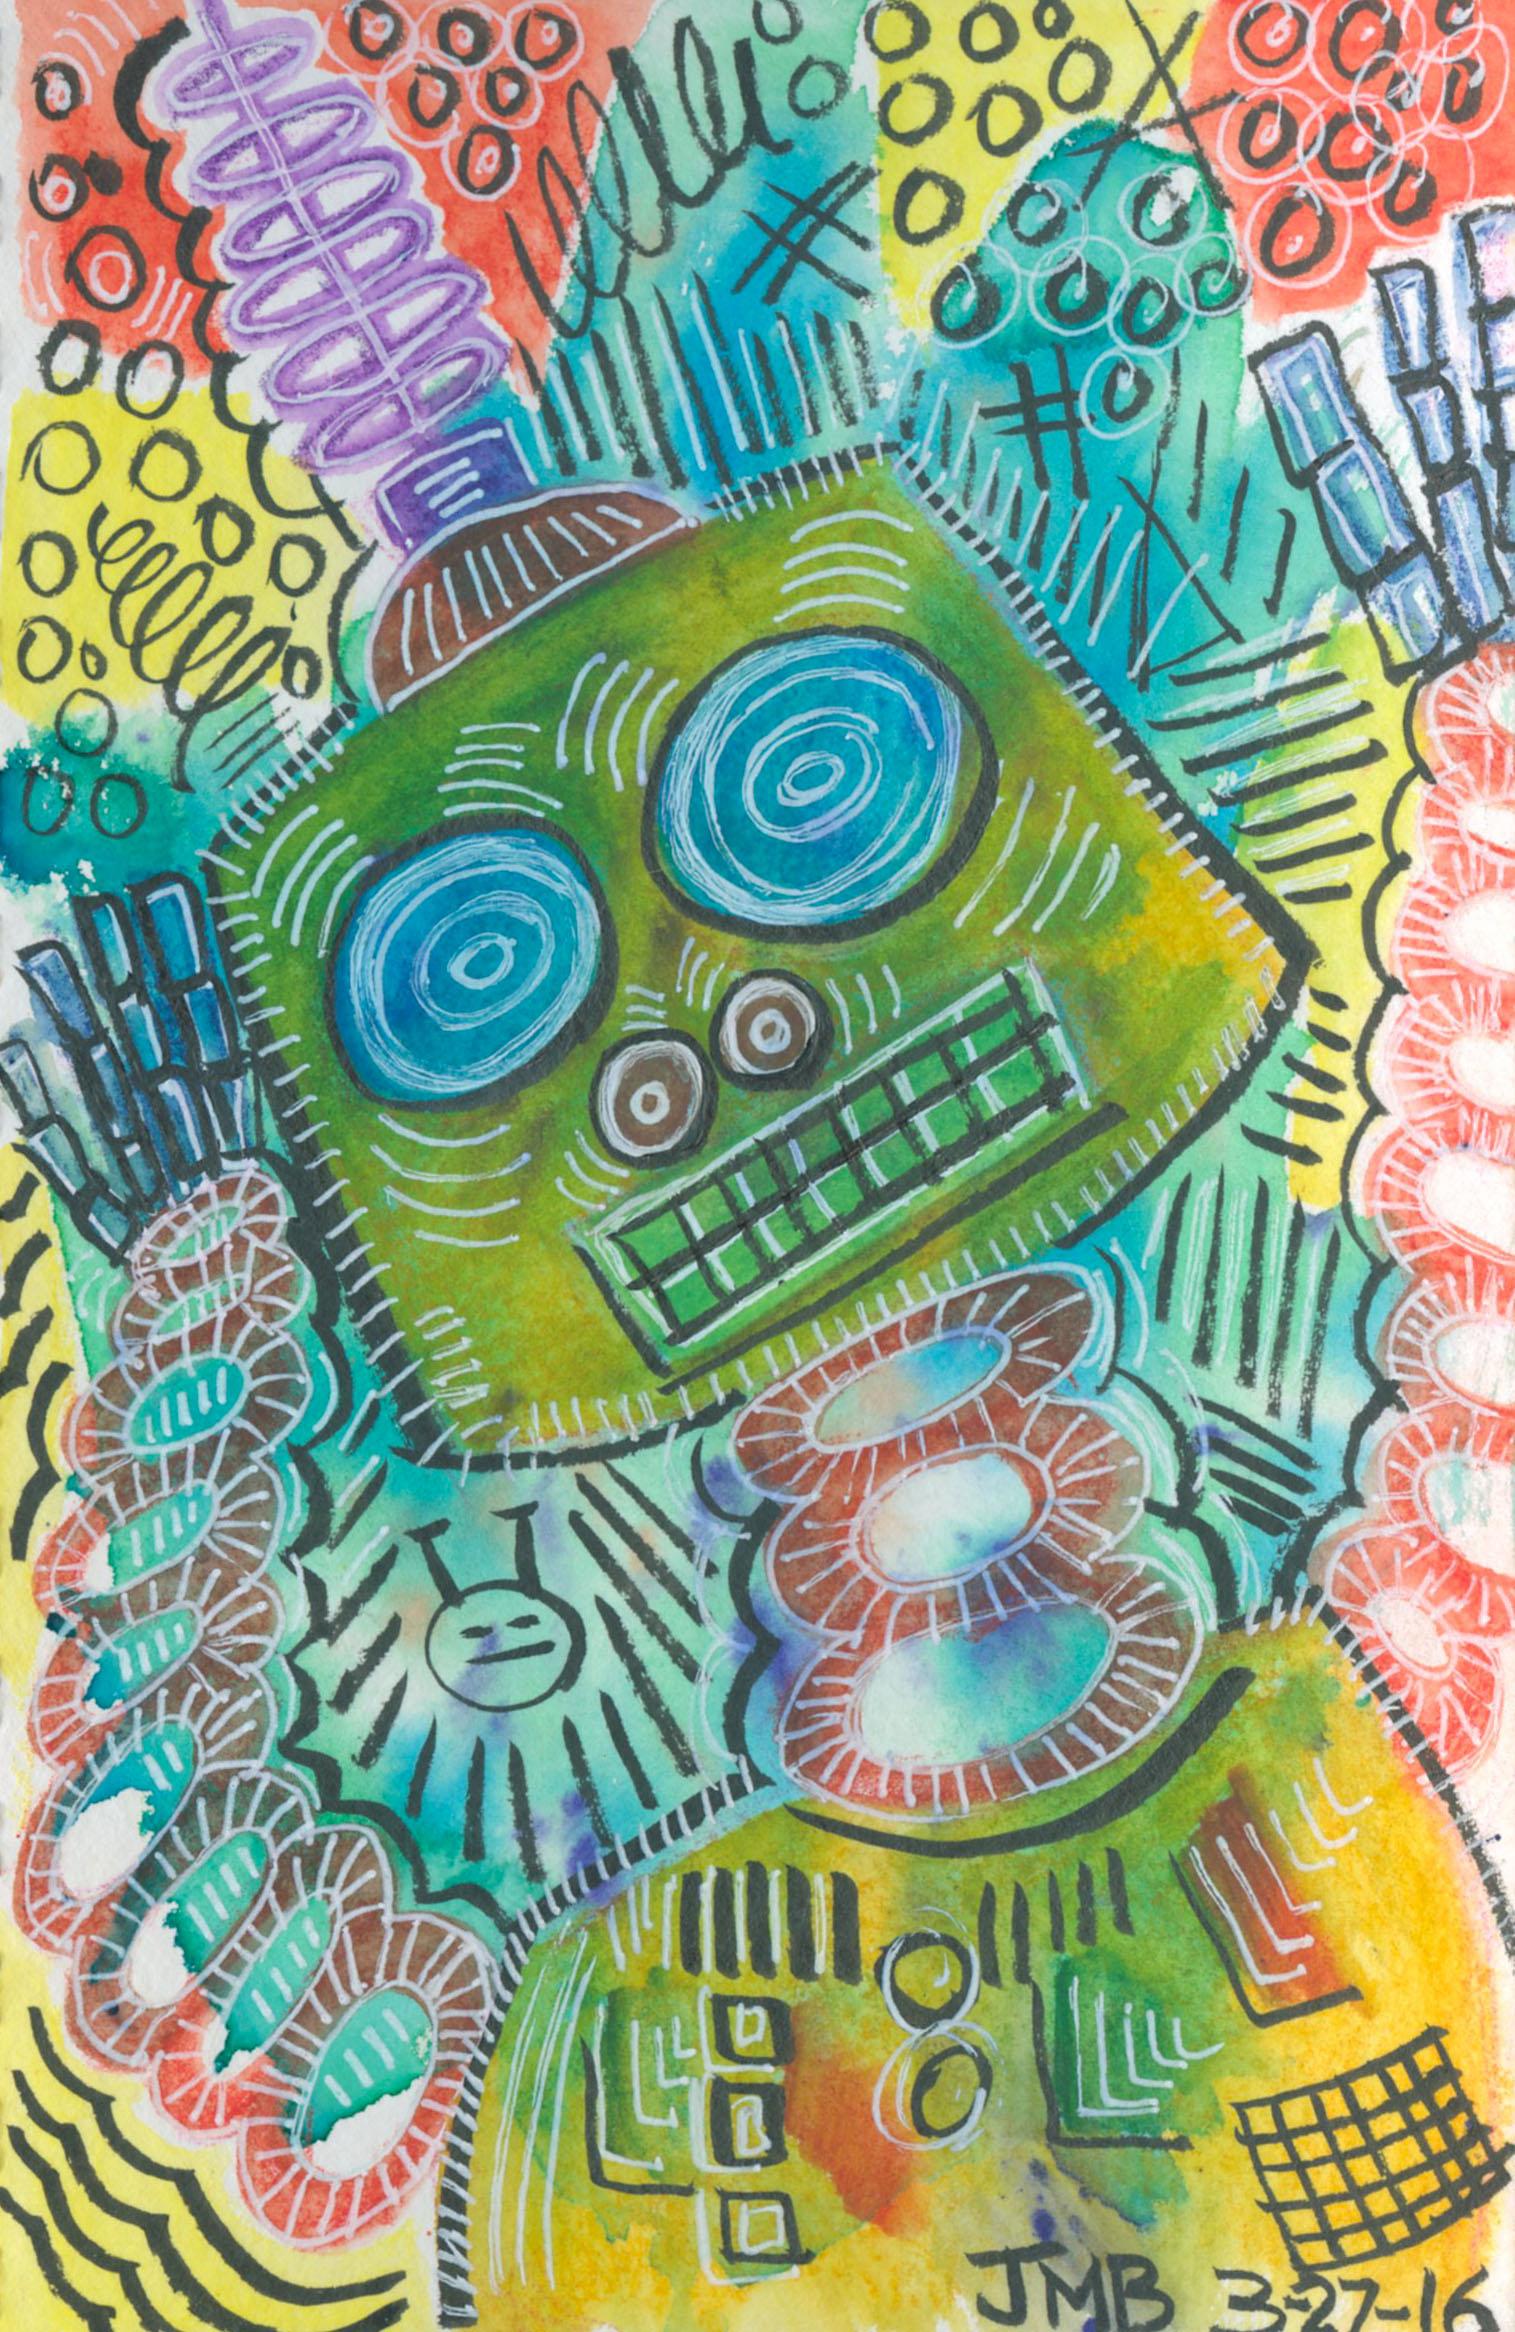 doodle_robot.jpg